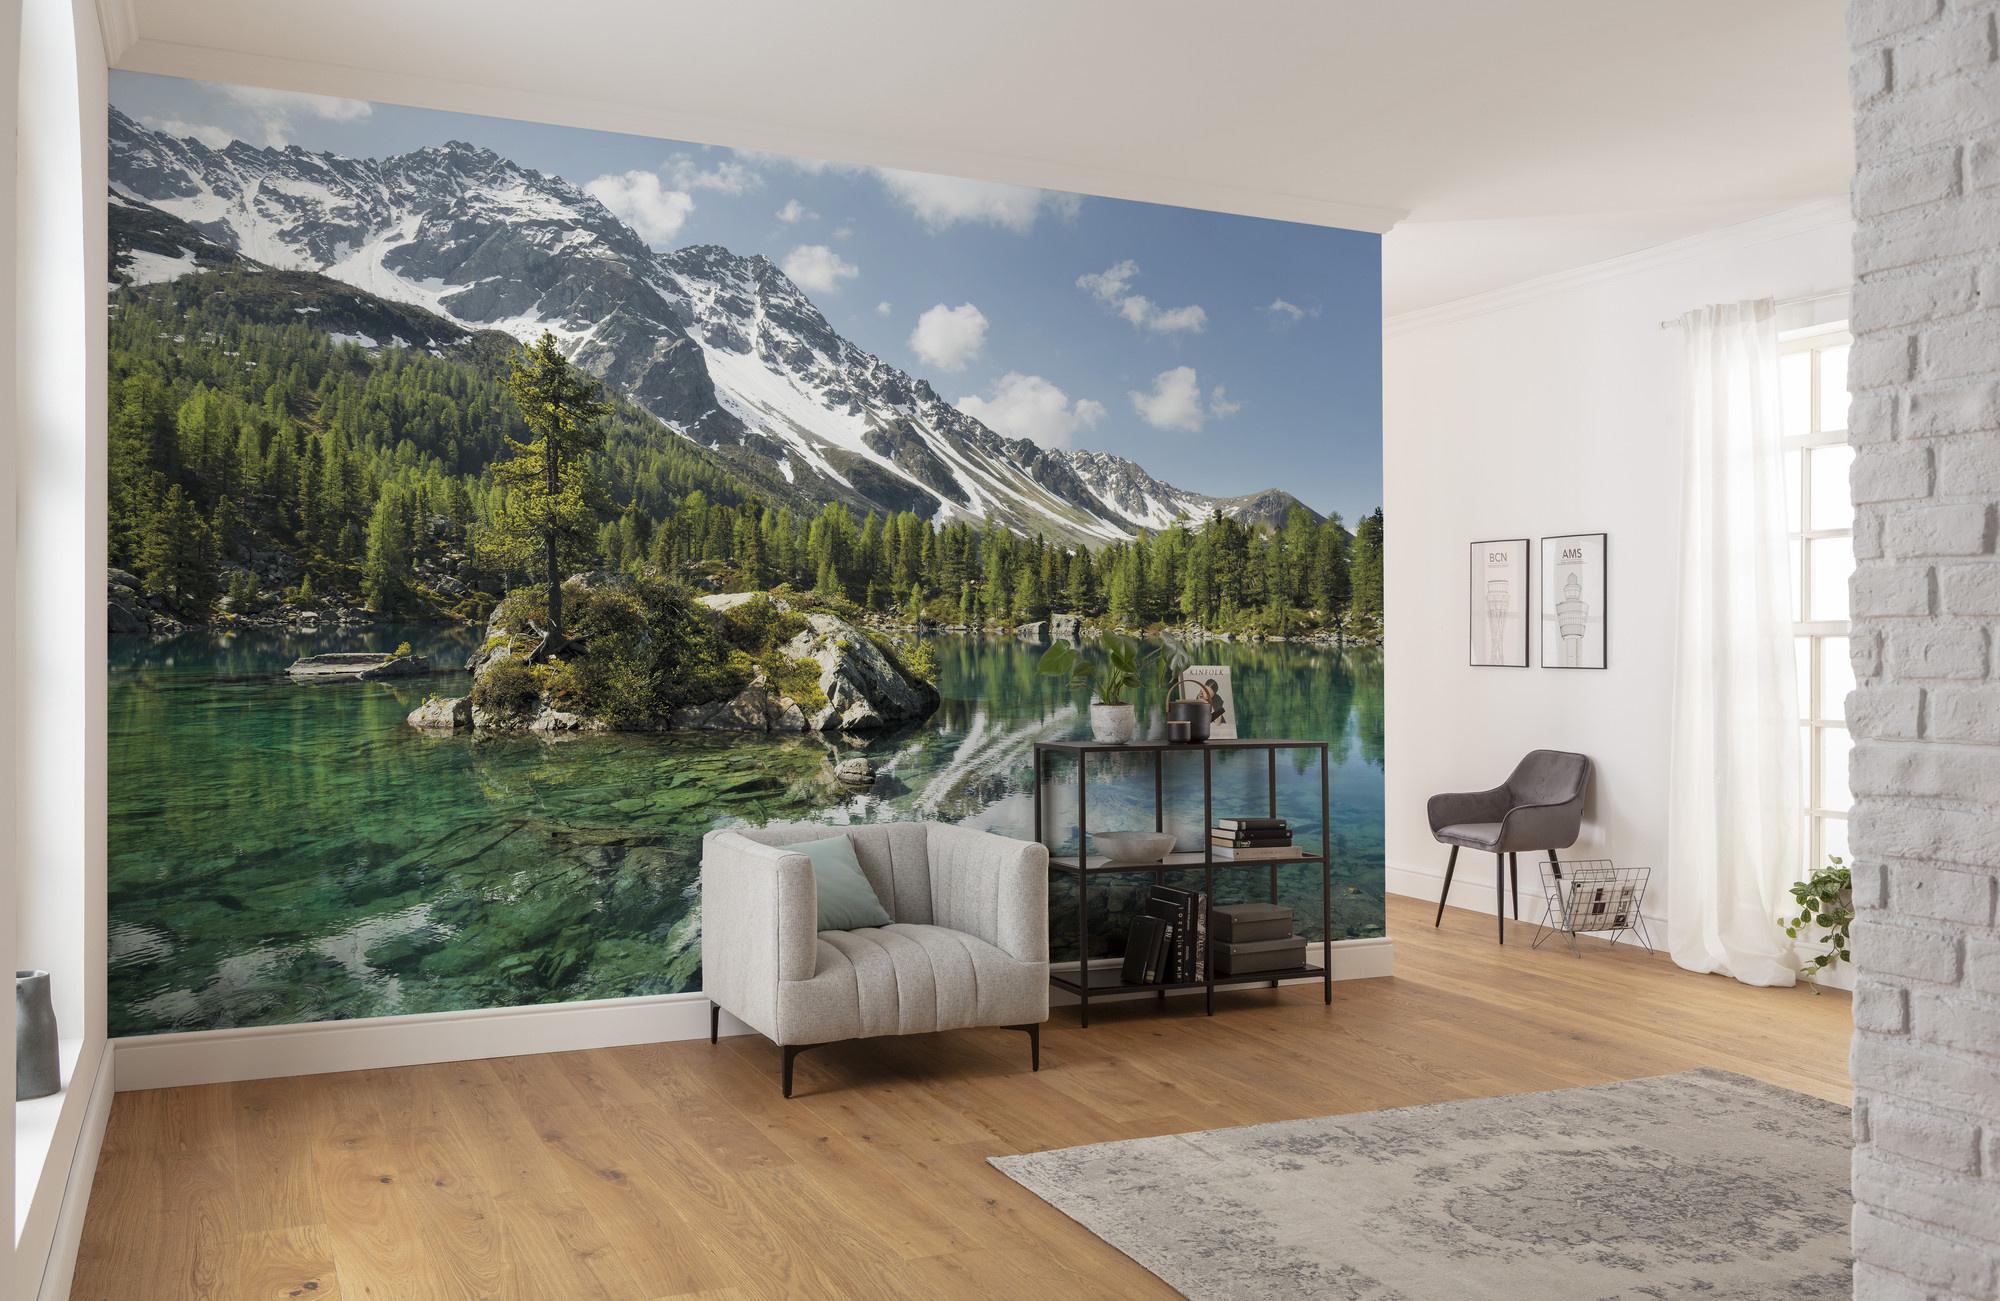 Stefan Hefele Edition 2 Fotobehang Komar - Natuur behang BERGMAGIE